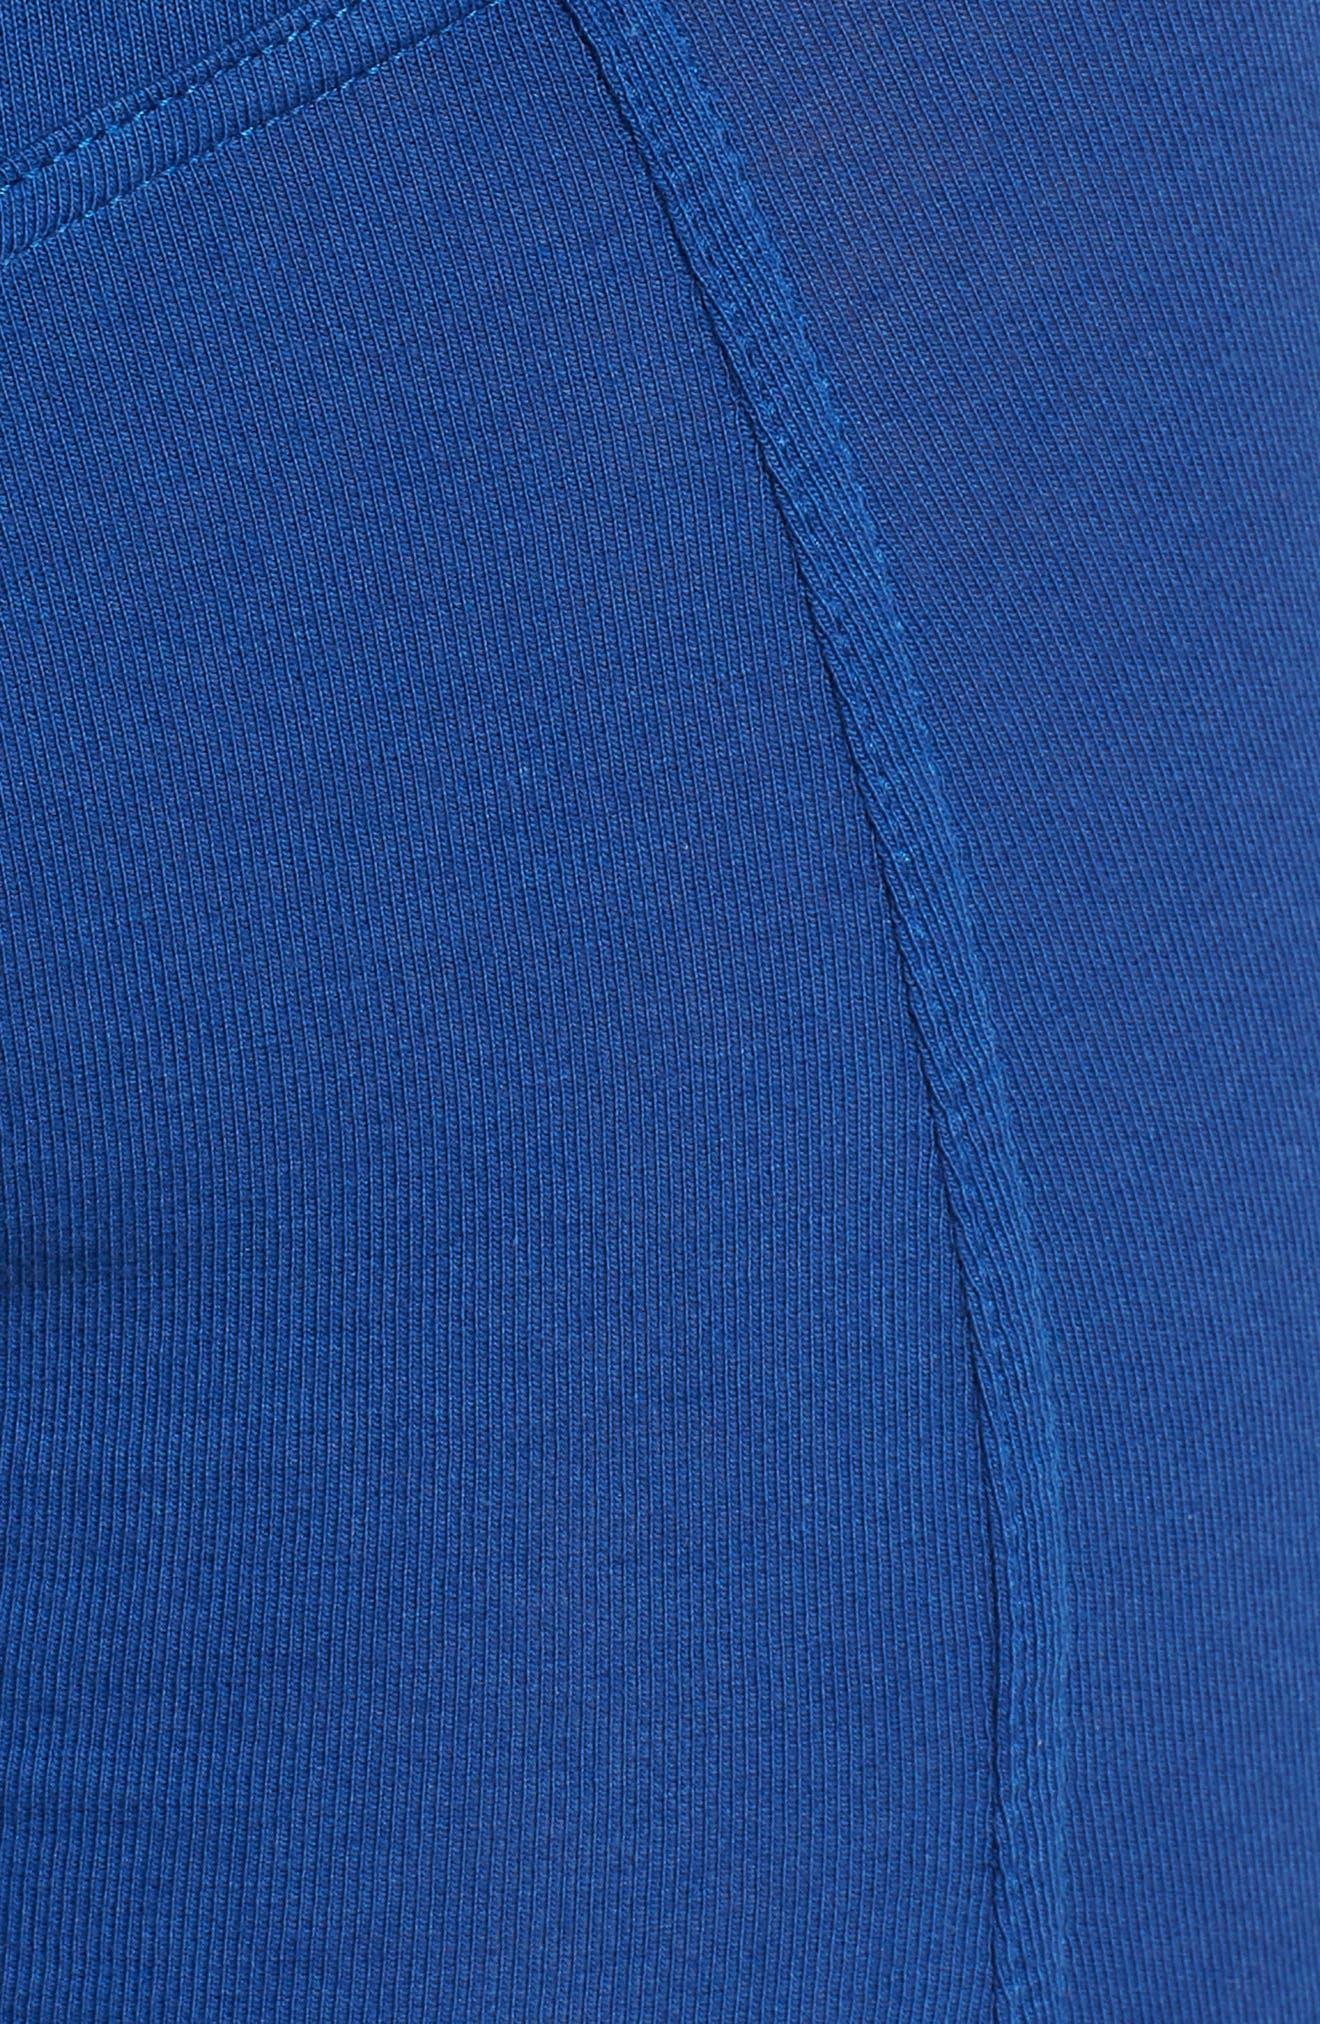 2-Pack Boxer Briefs,                             Alternate thumbnail 6, color,                             BLUE